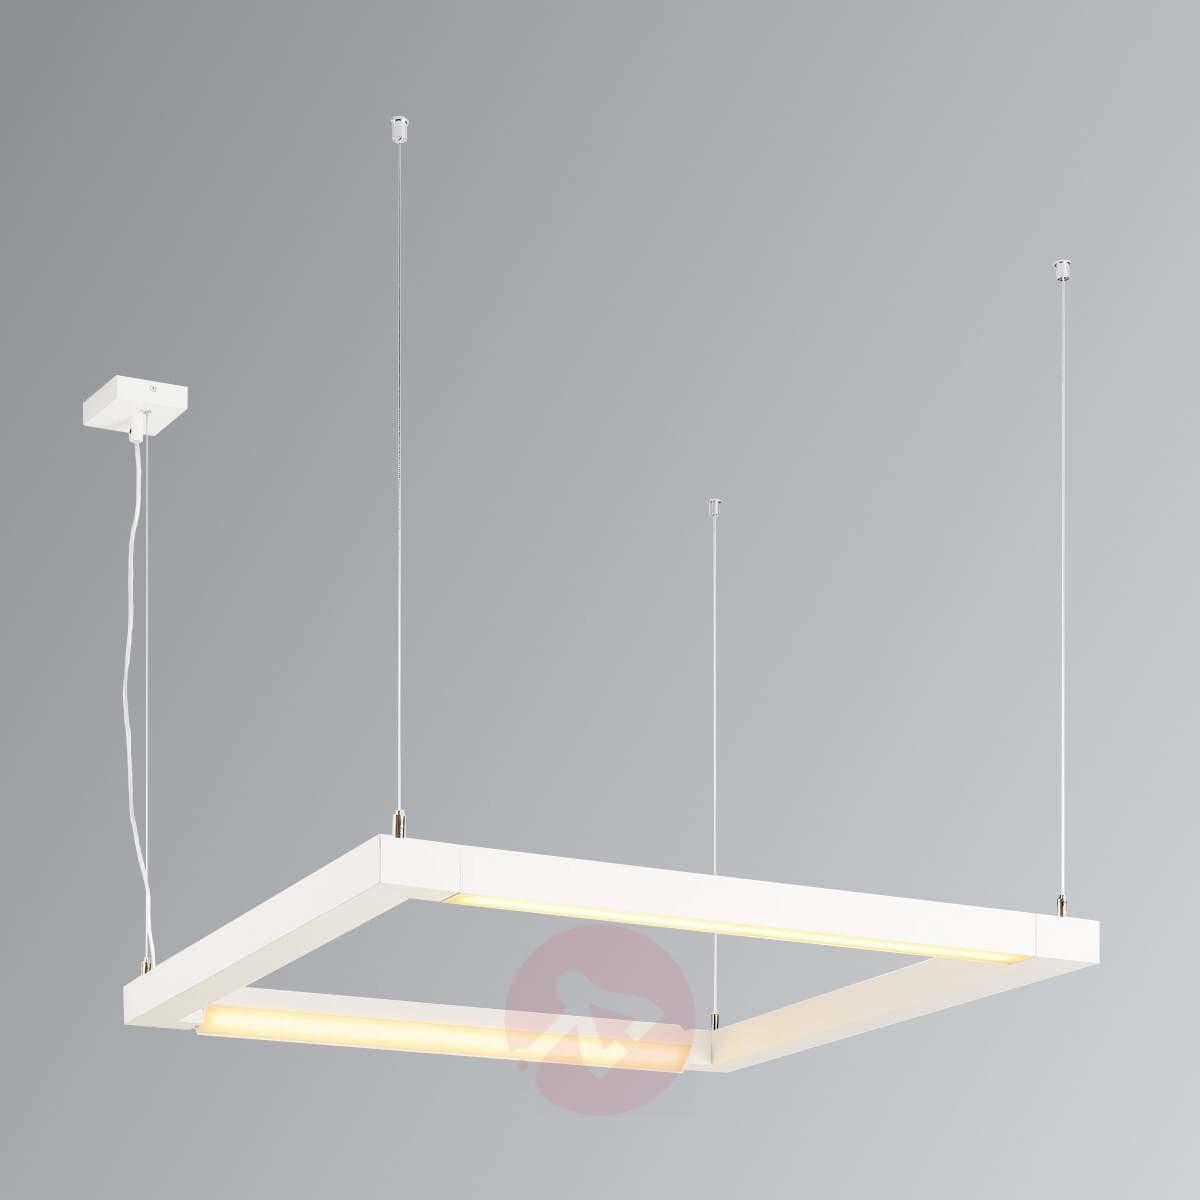 SLV OPEN GRILL LED podw obracana lampa wisząca square biała 157651